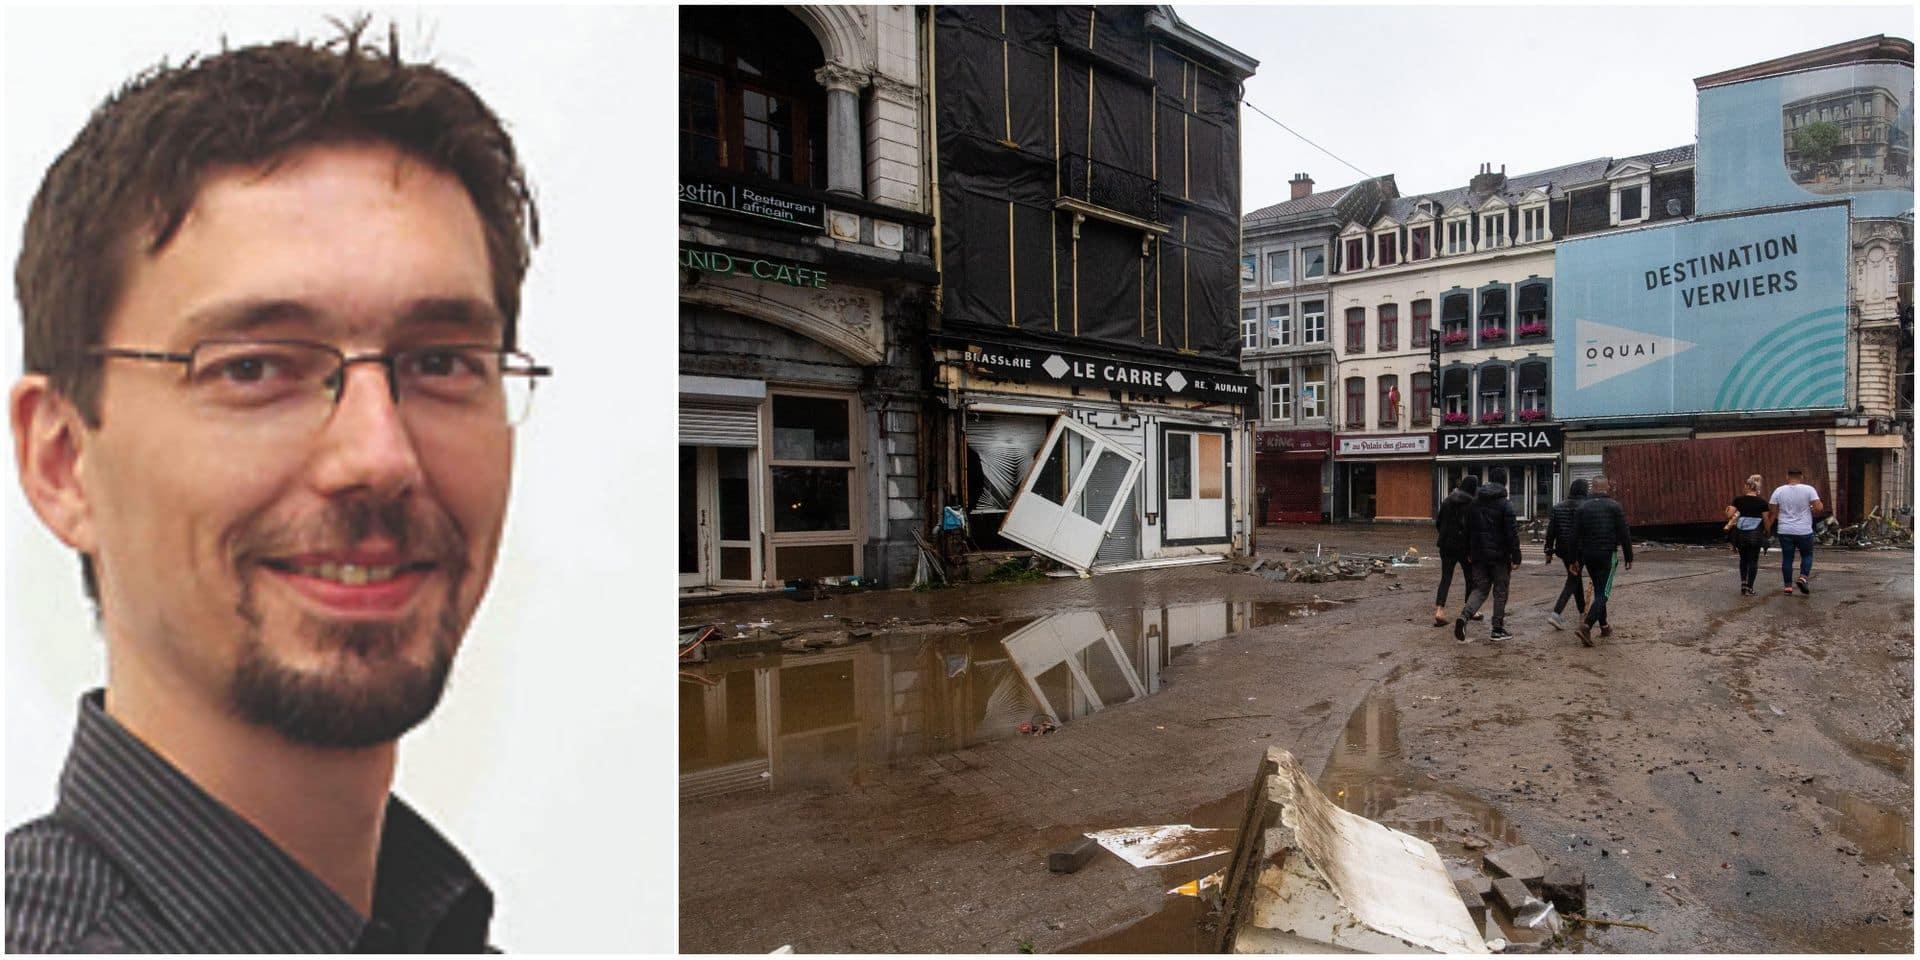 L'Edito : permis de bâtir octroyés en zones inondables : permis de détruire ?